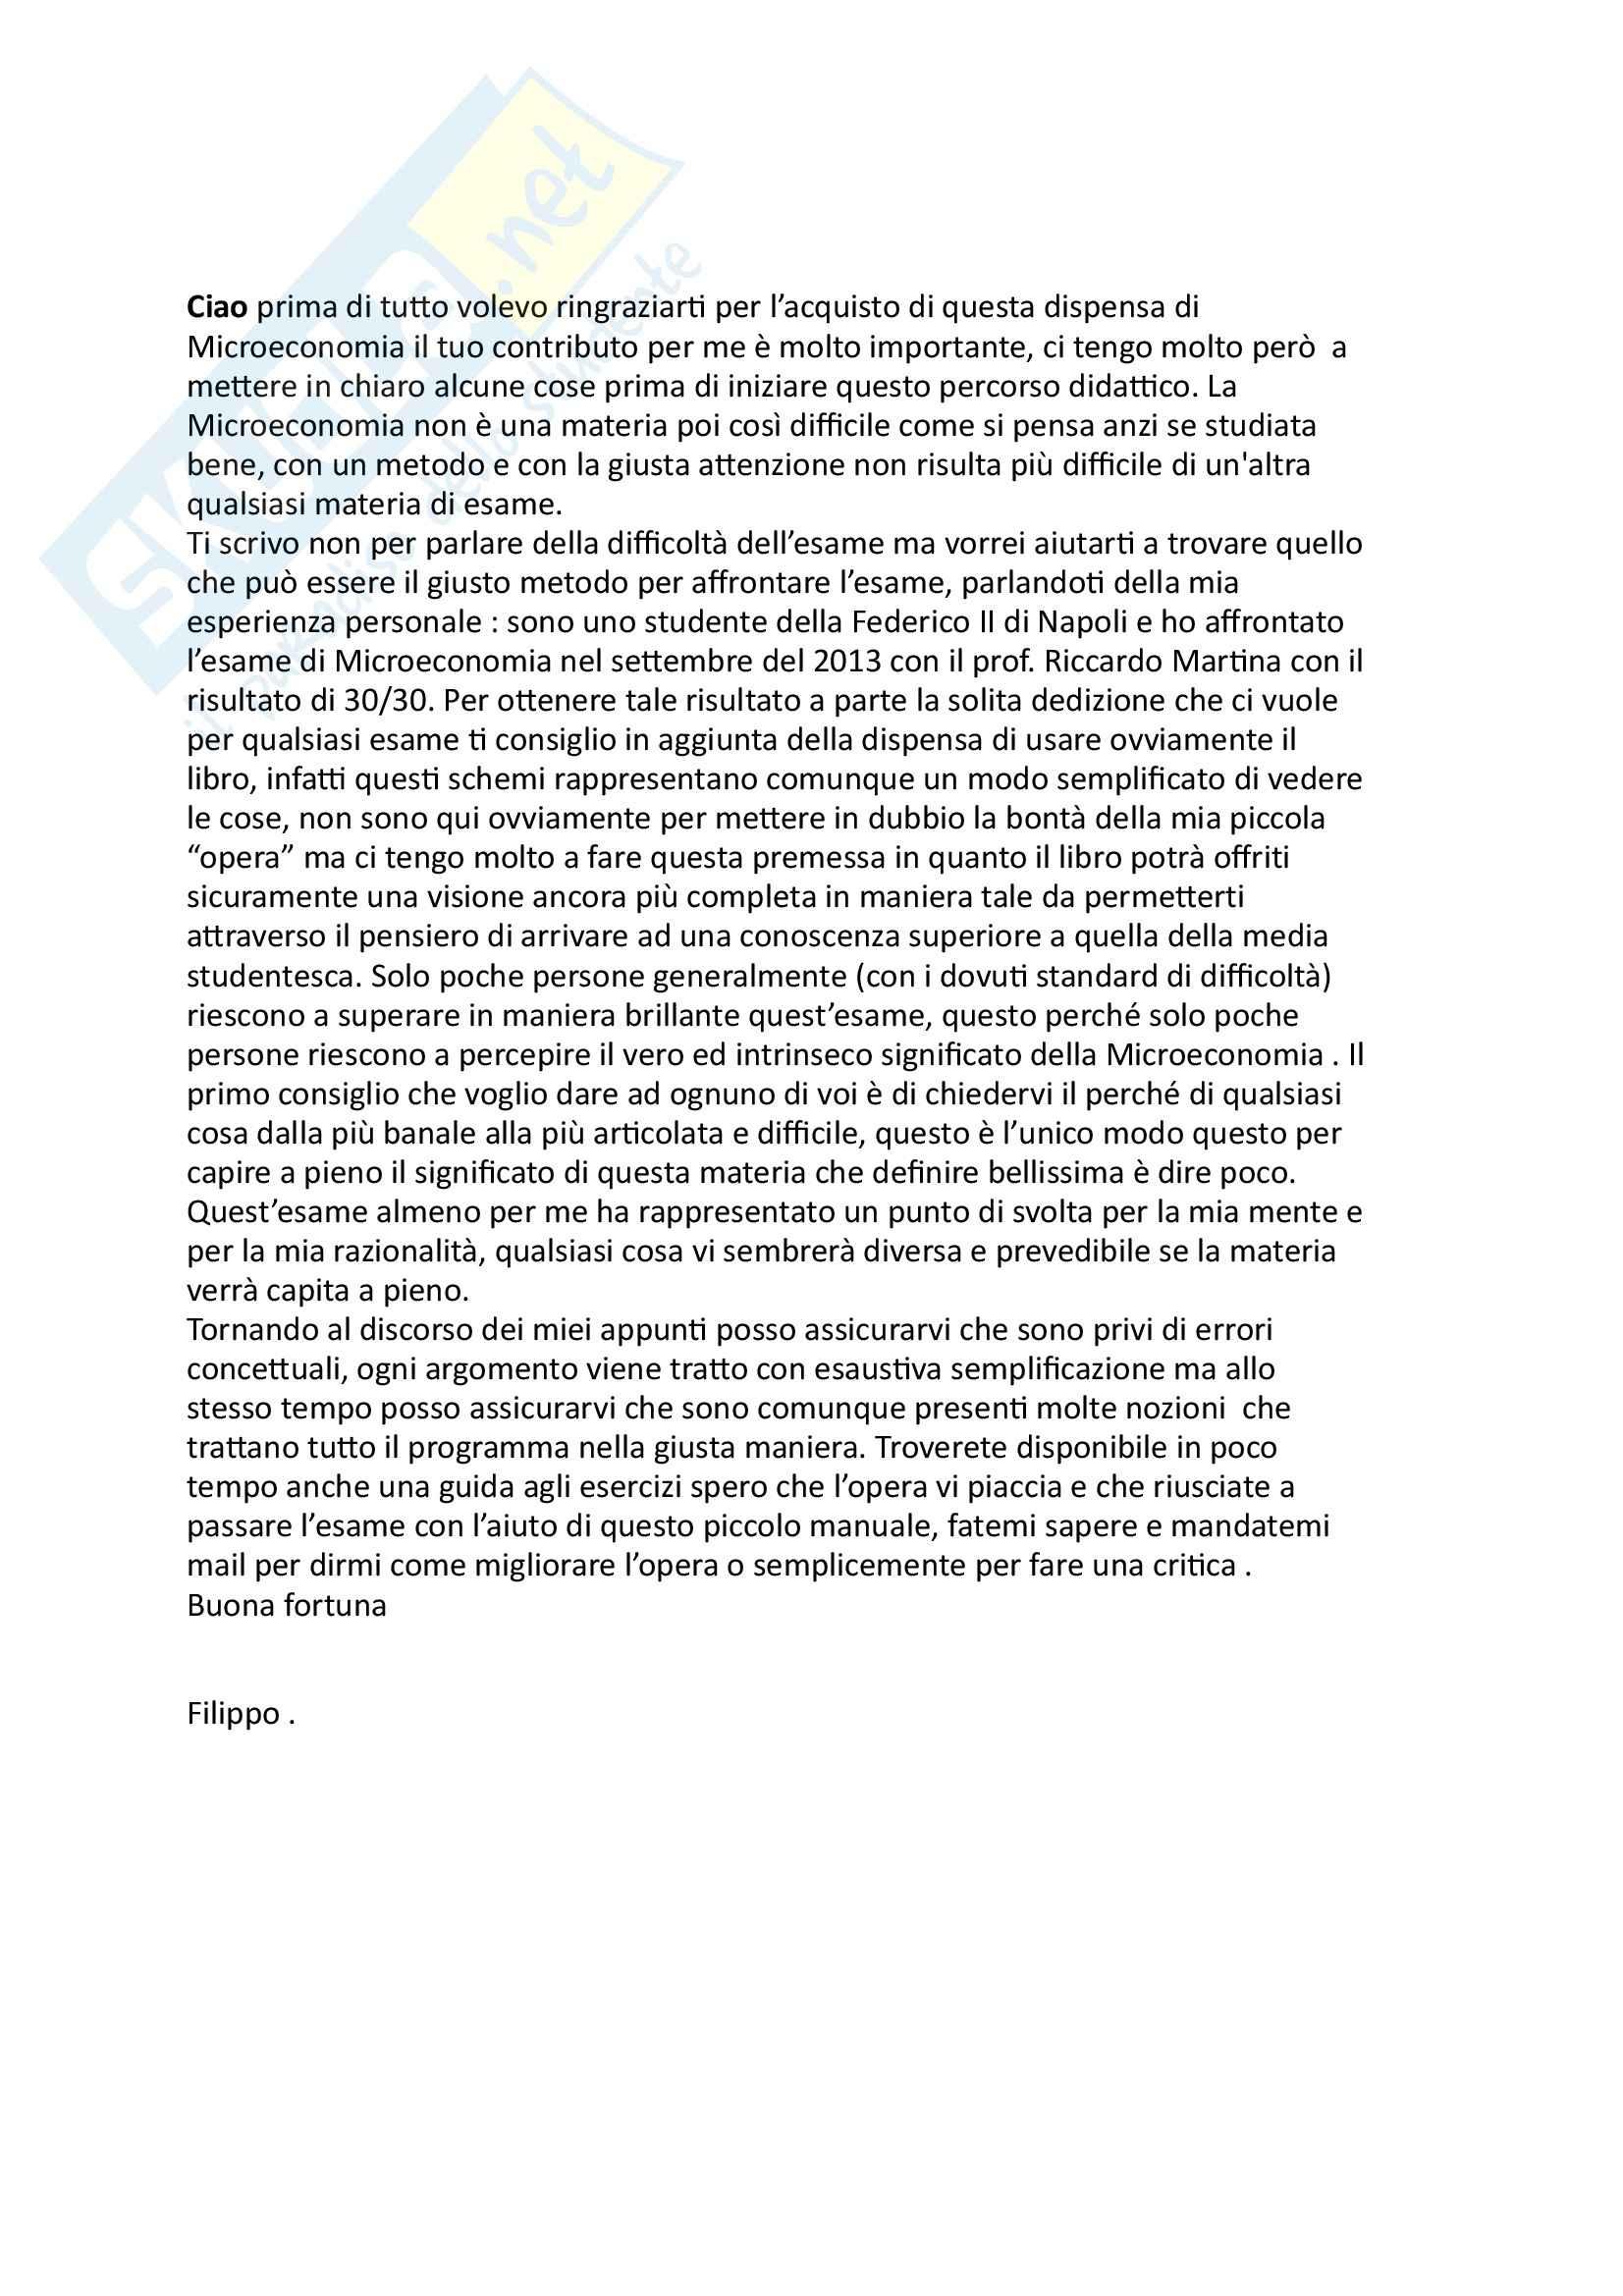 Microeconomia - Riassunto esame, prof. Martina